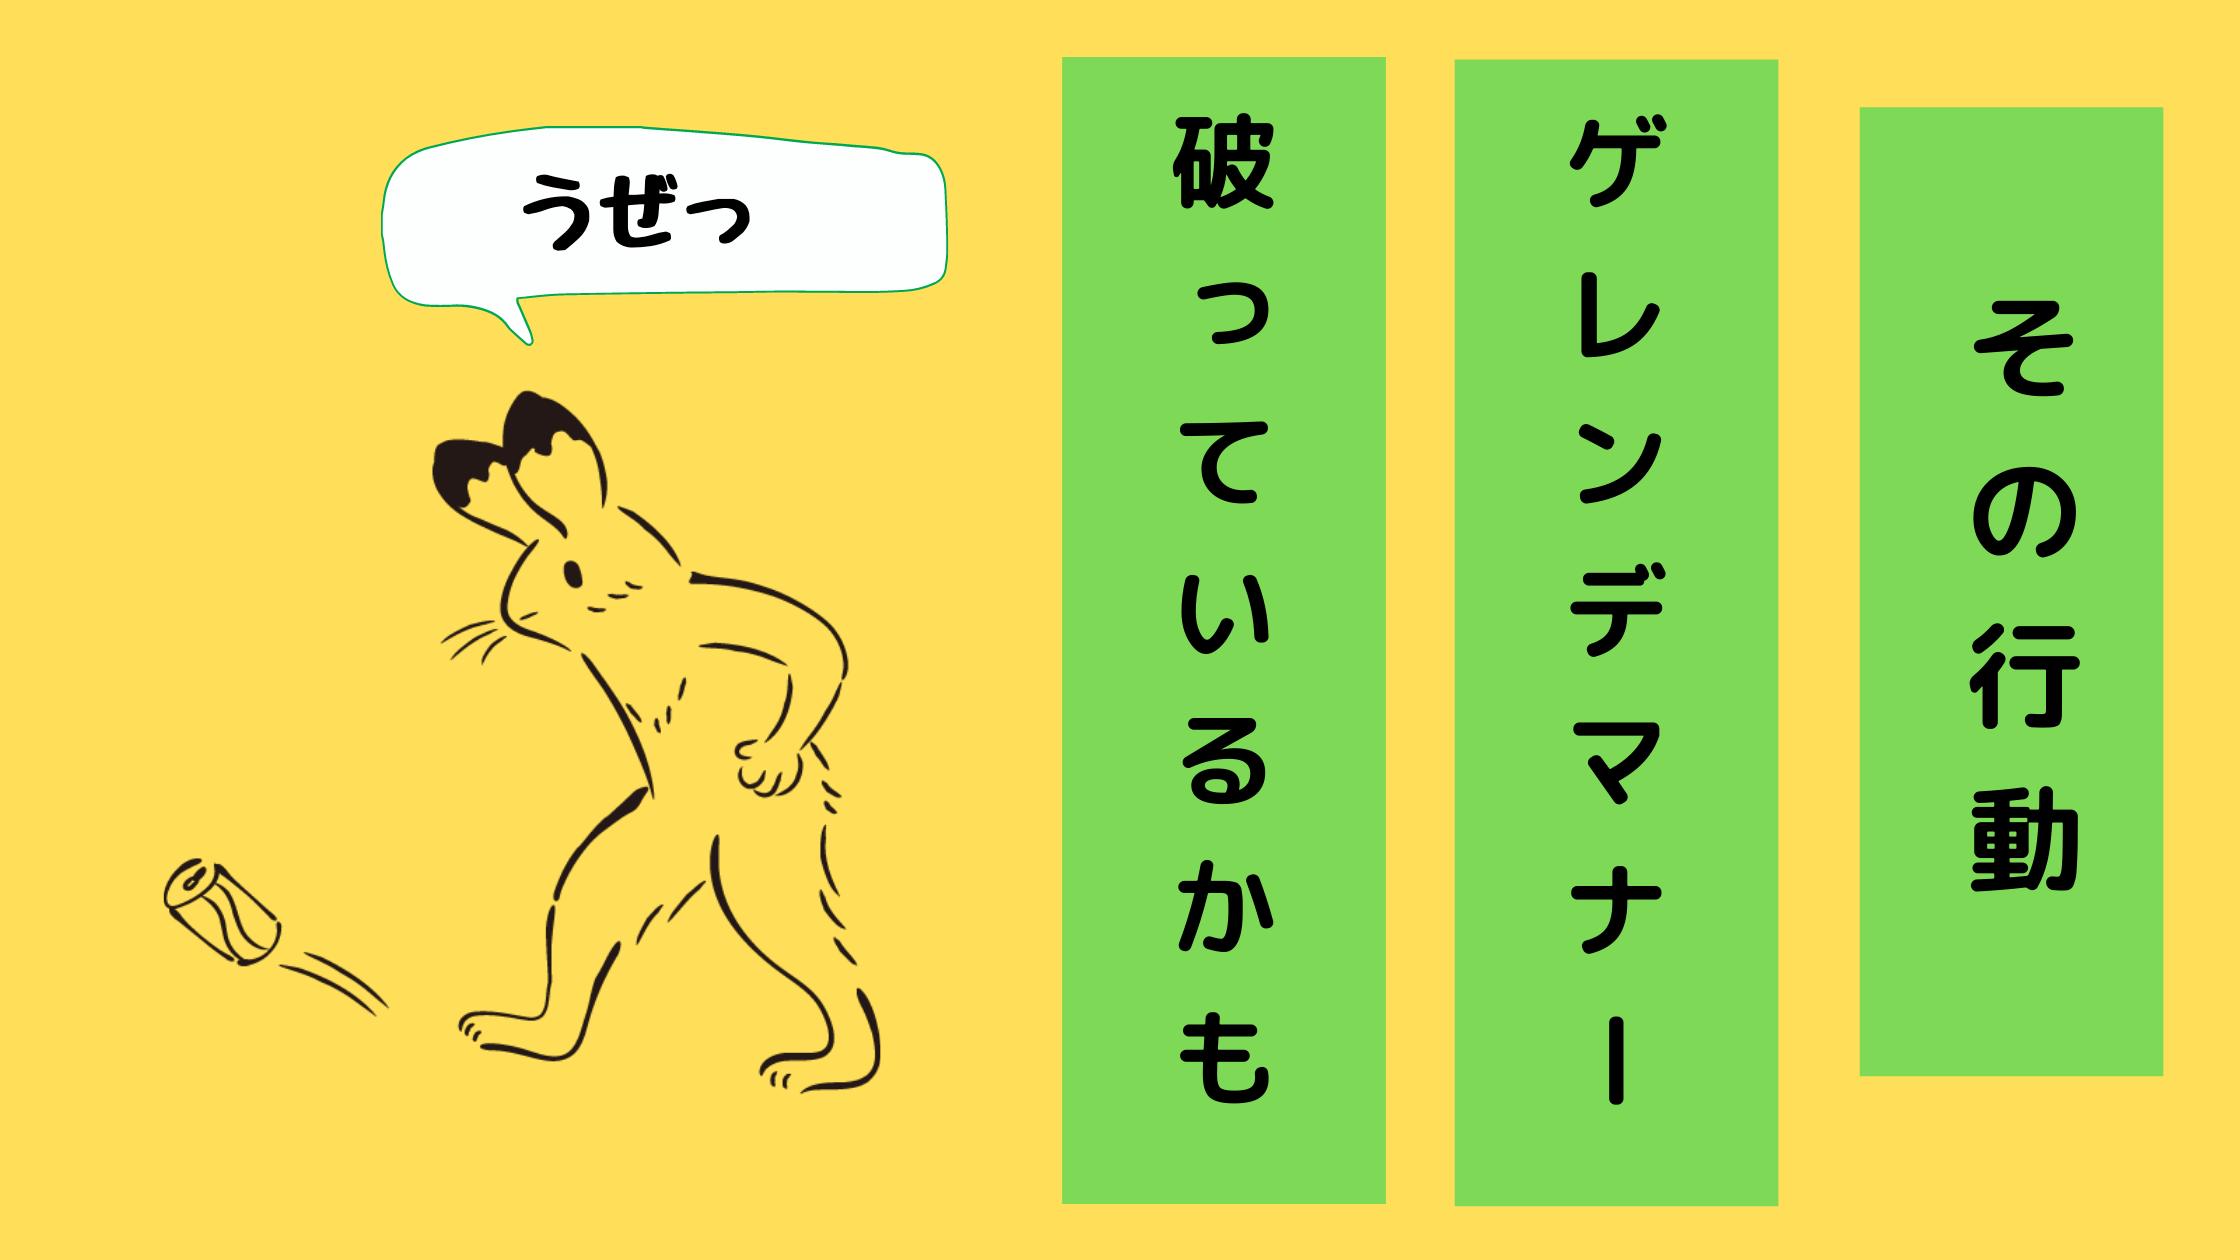 【ゲレンデマナー】スノボー初心者が「うざい!」と思われる5つの行動